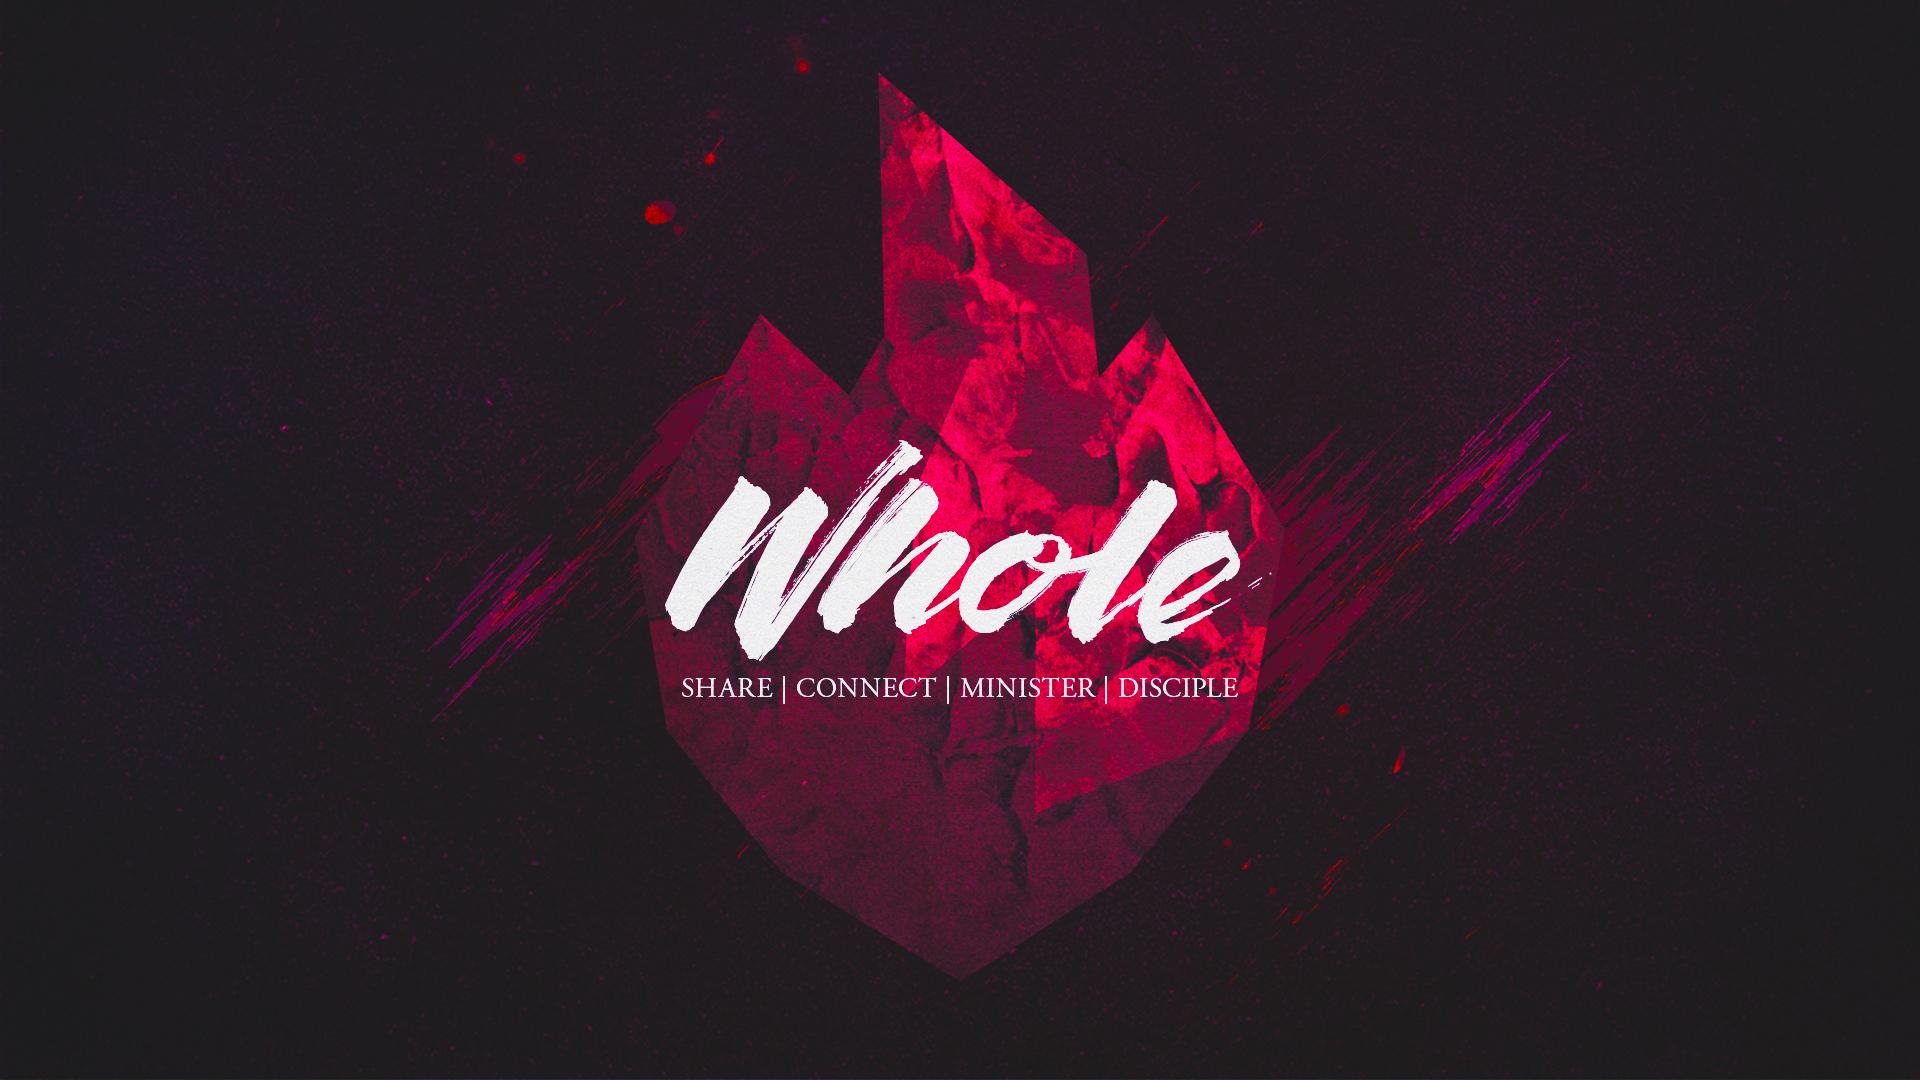 Whole (2018)